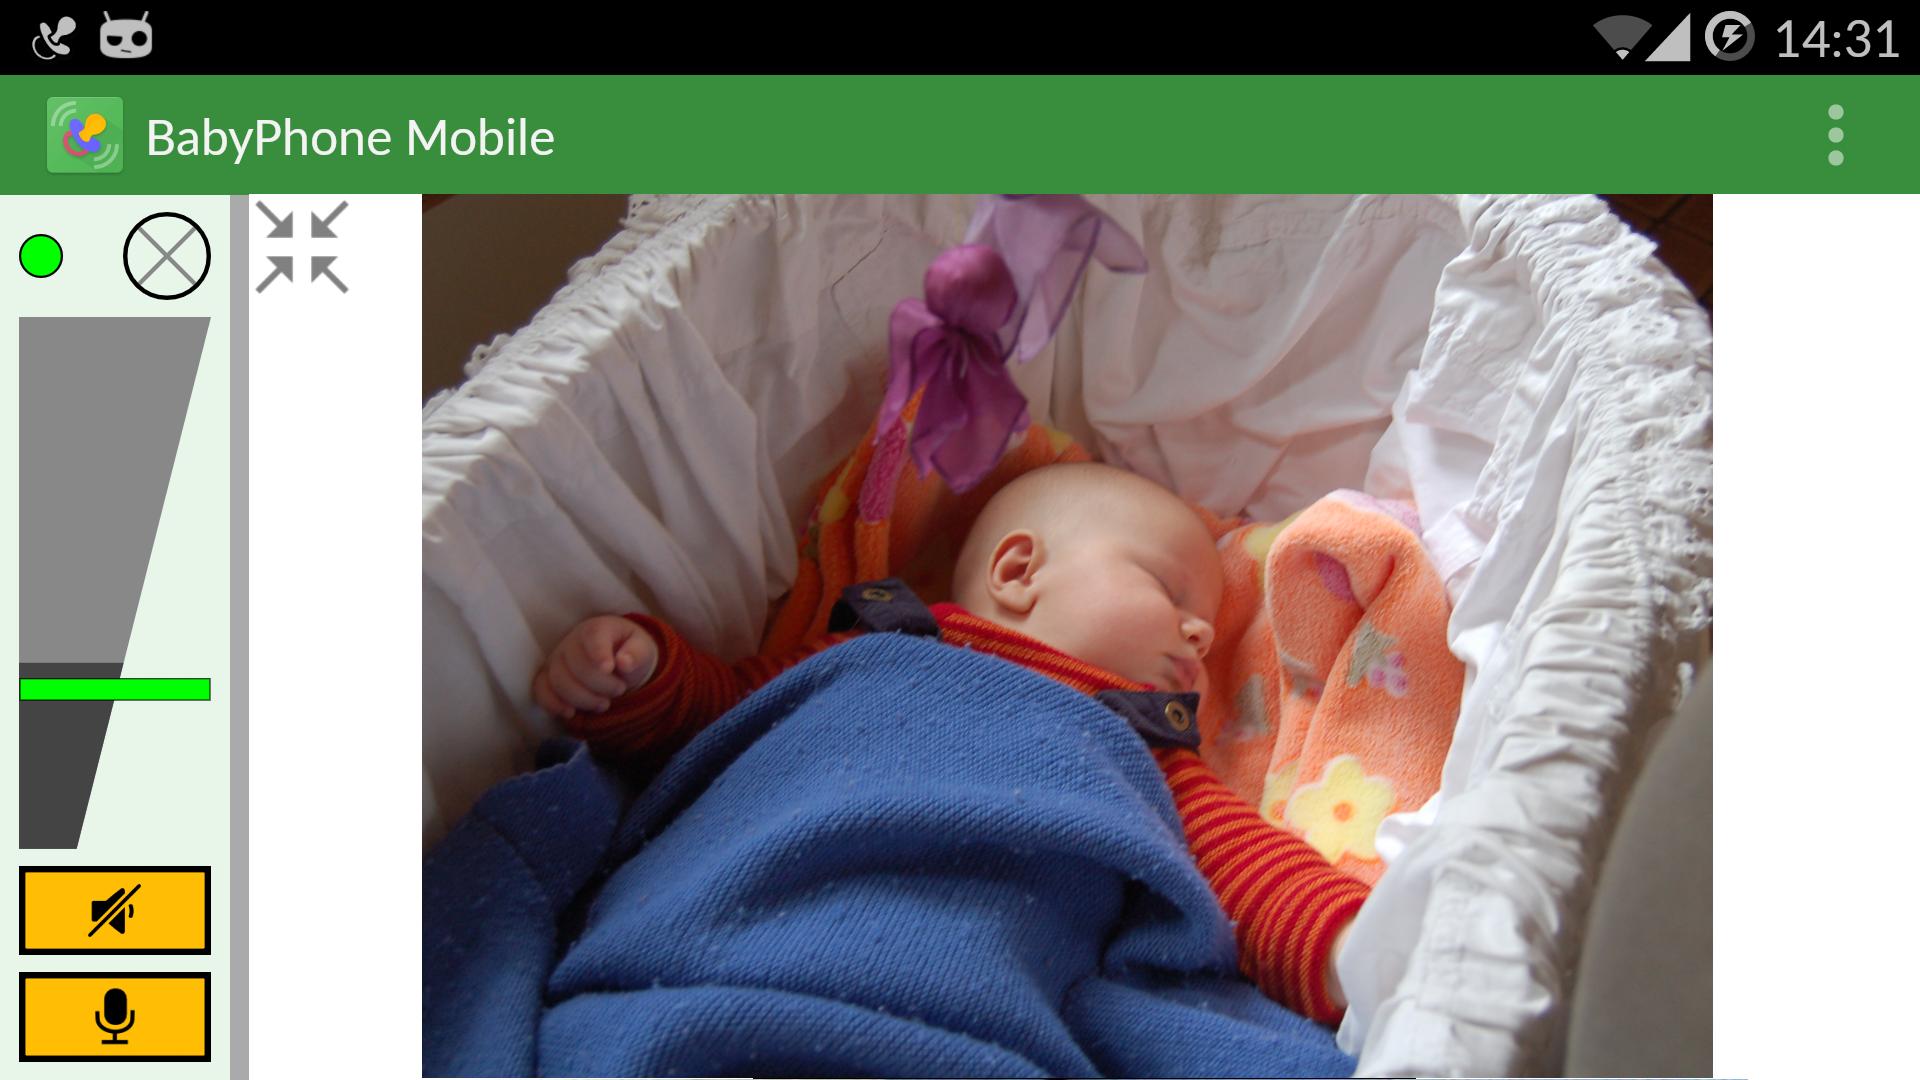 BabyPhone Mobile: Baby Monitor